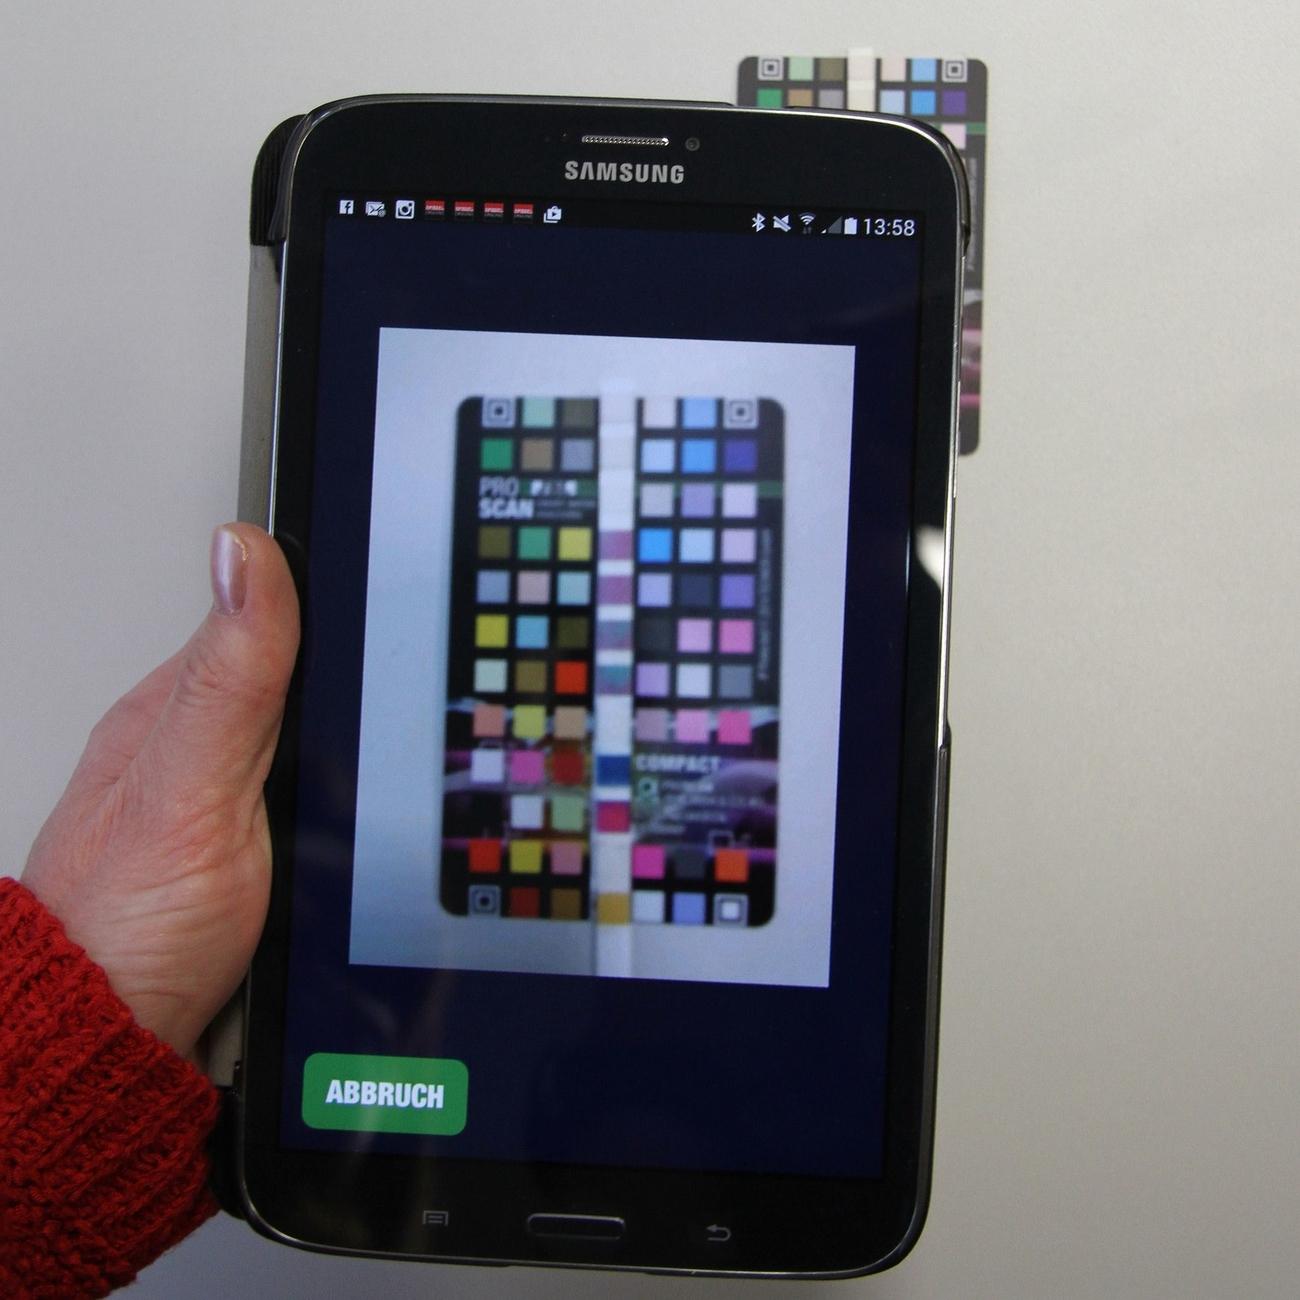 JBL ProScan Wassertest mit Smartphoneauswertung, Bild 5